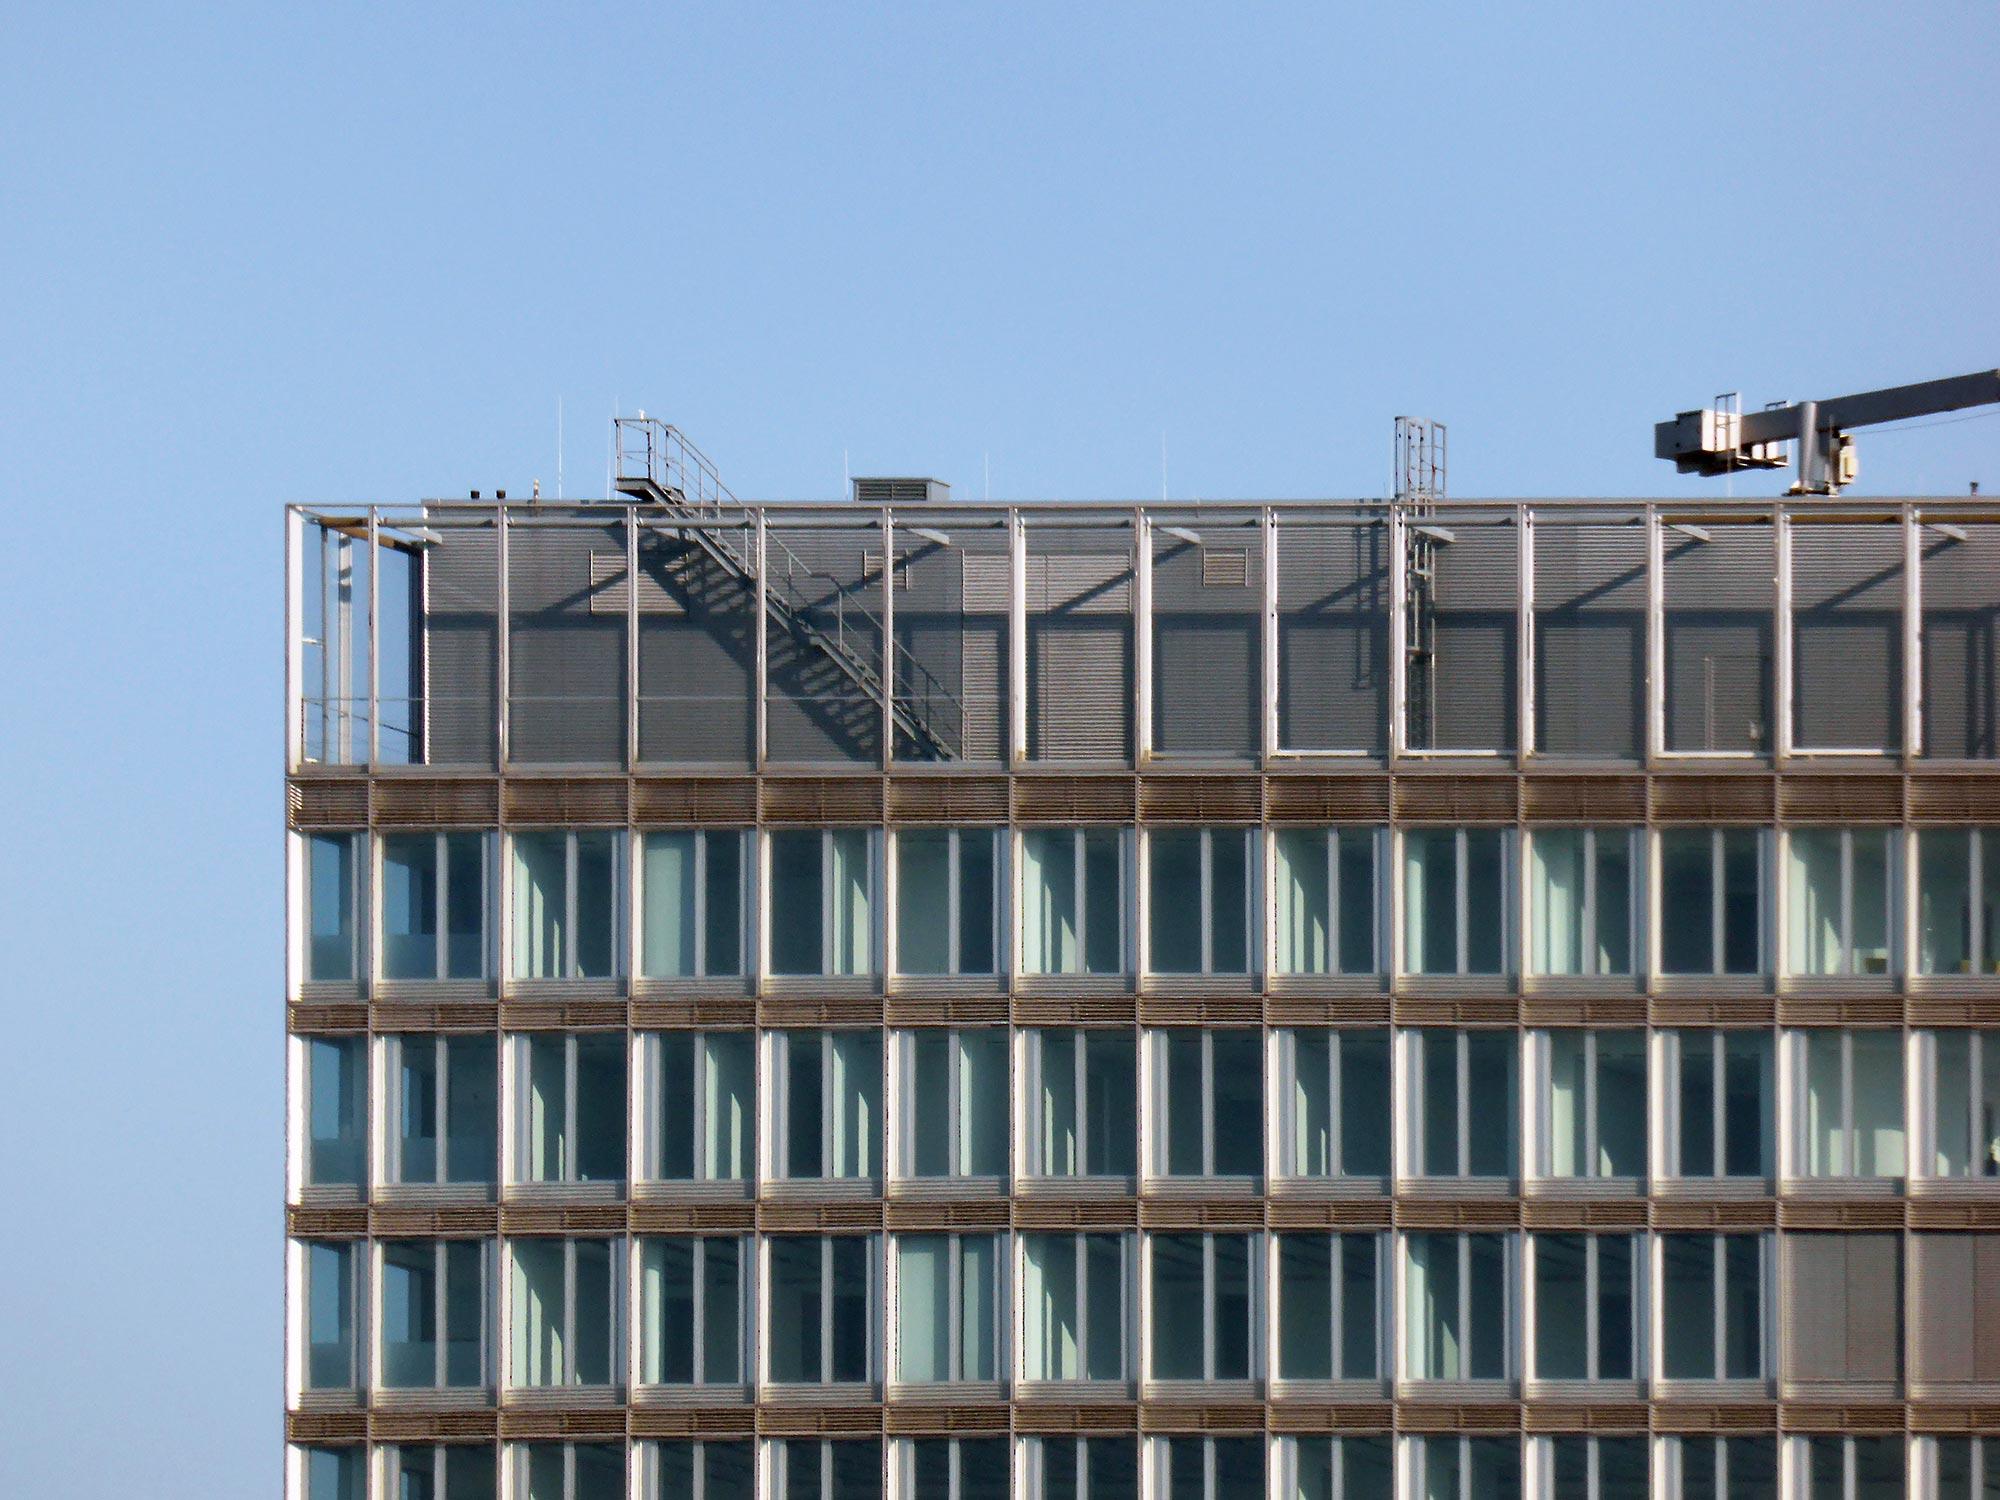 Cielo FFM - Frankfurt am Main - Commerzbank Büros - Fassade